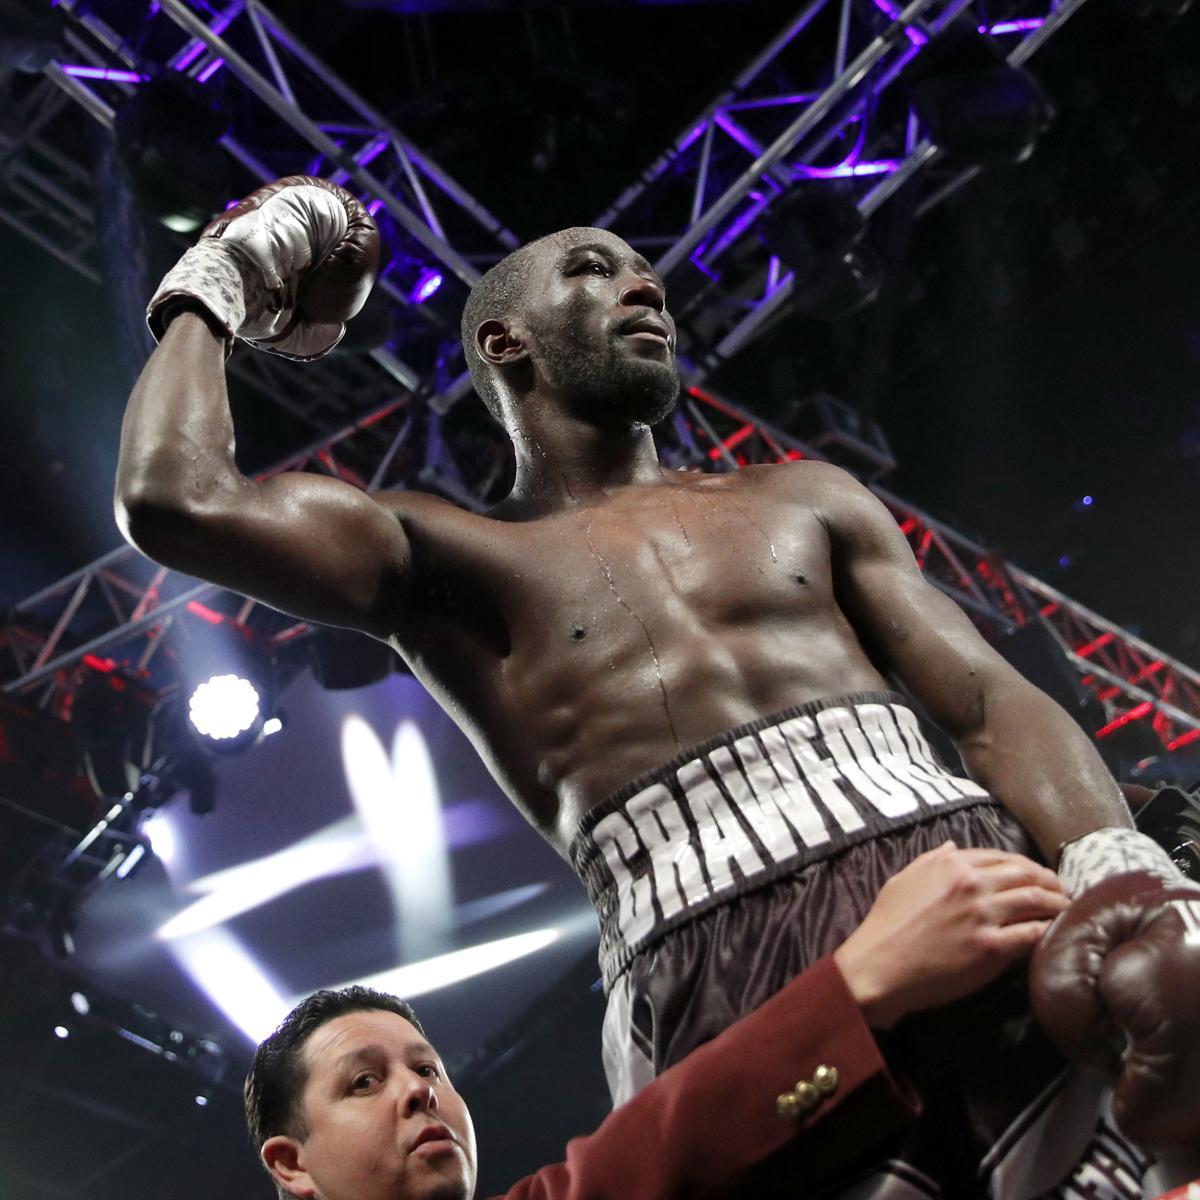 Terence Crawford vs. Jose Benavidez Jr.: Fight Odds, Time, Live Stream, TV Info